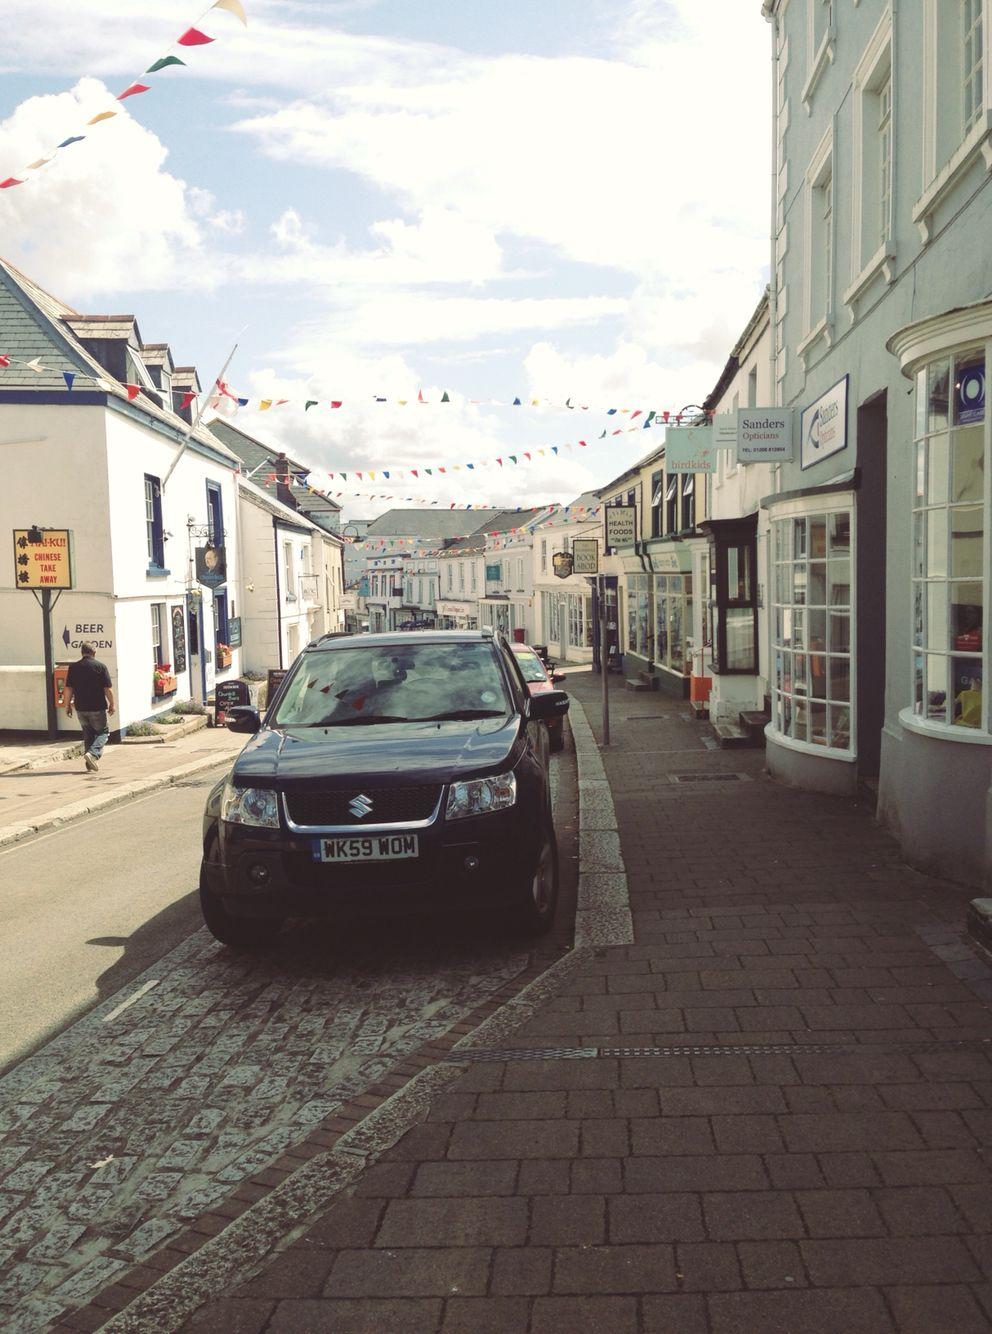 Wadebridge, Cornwall